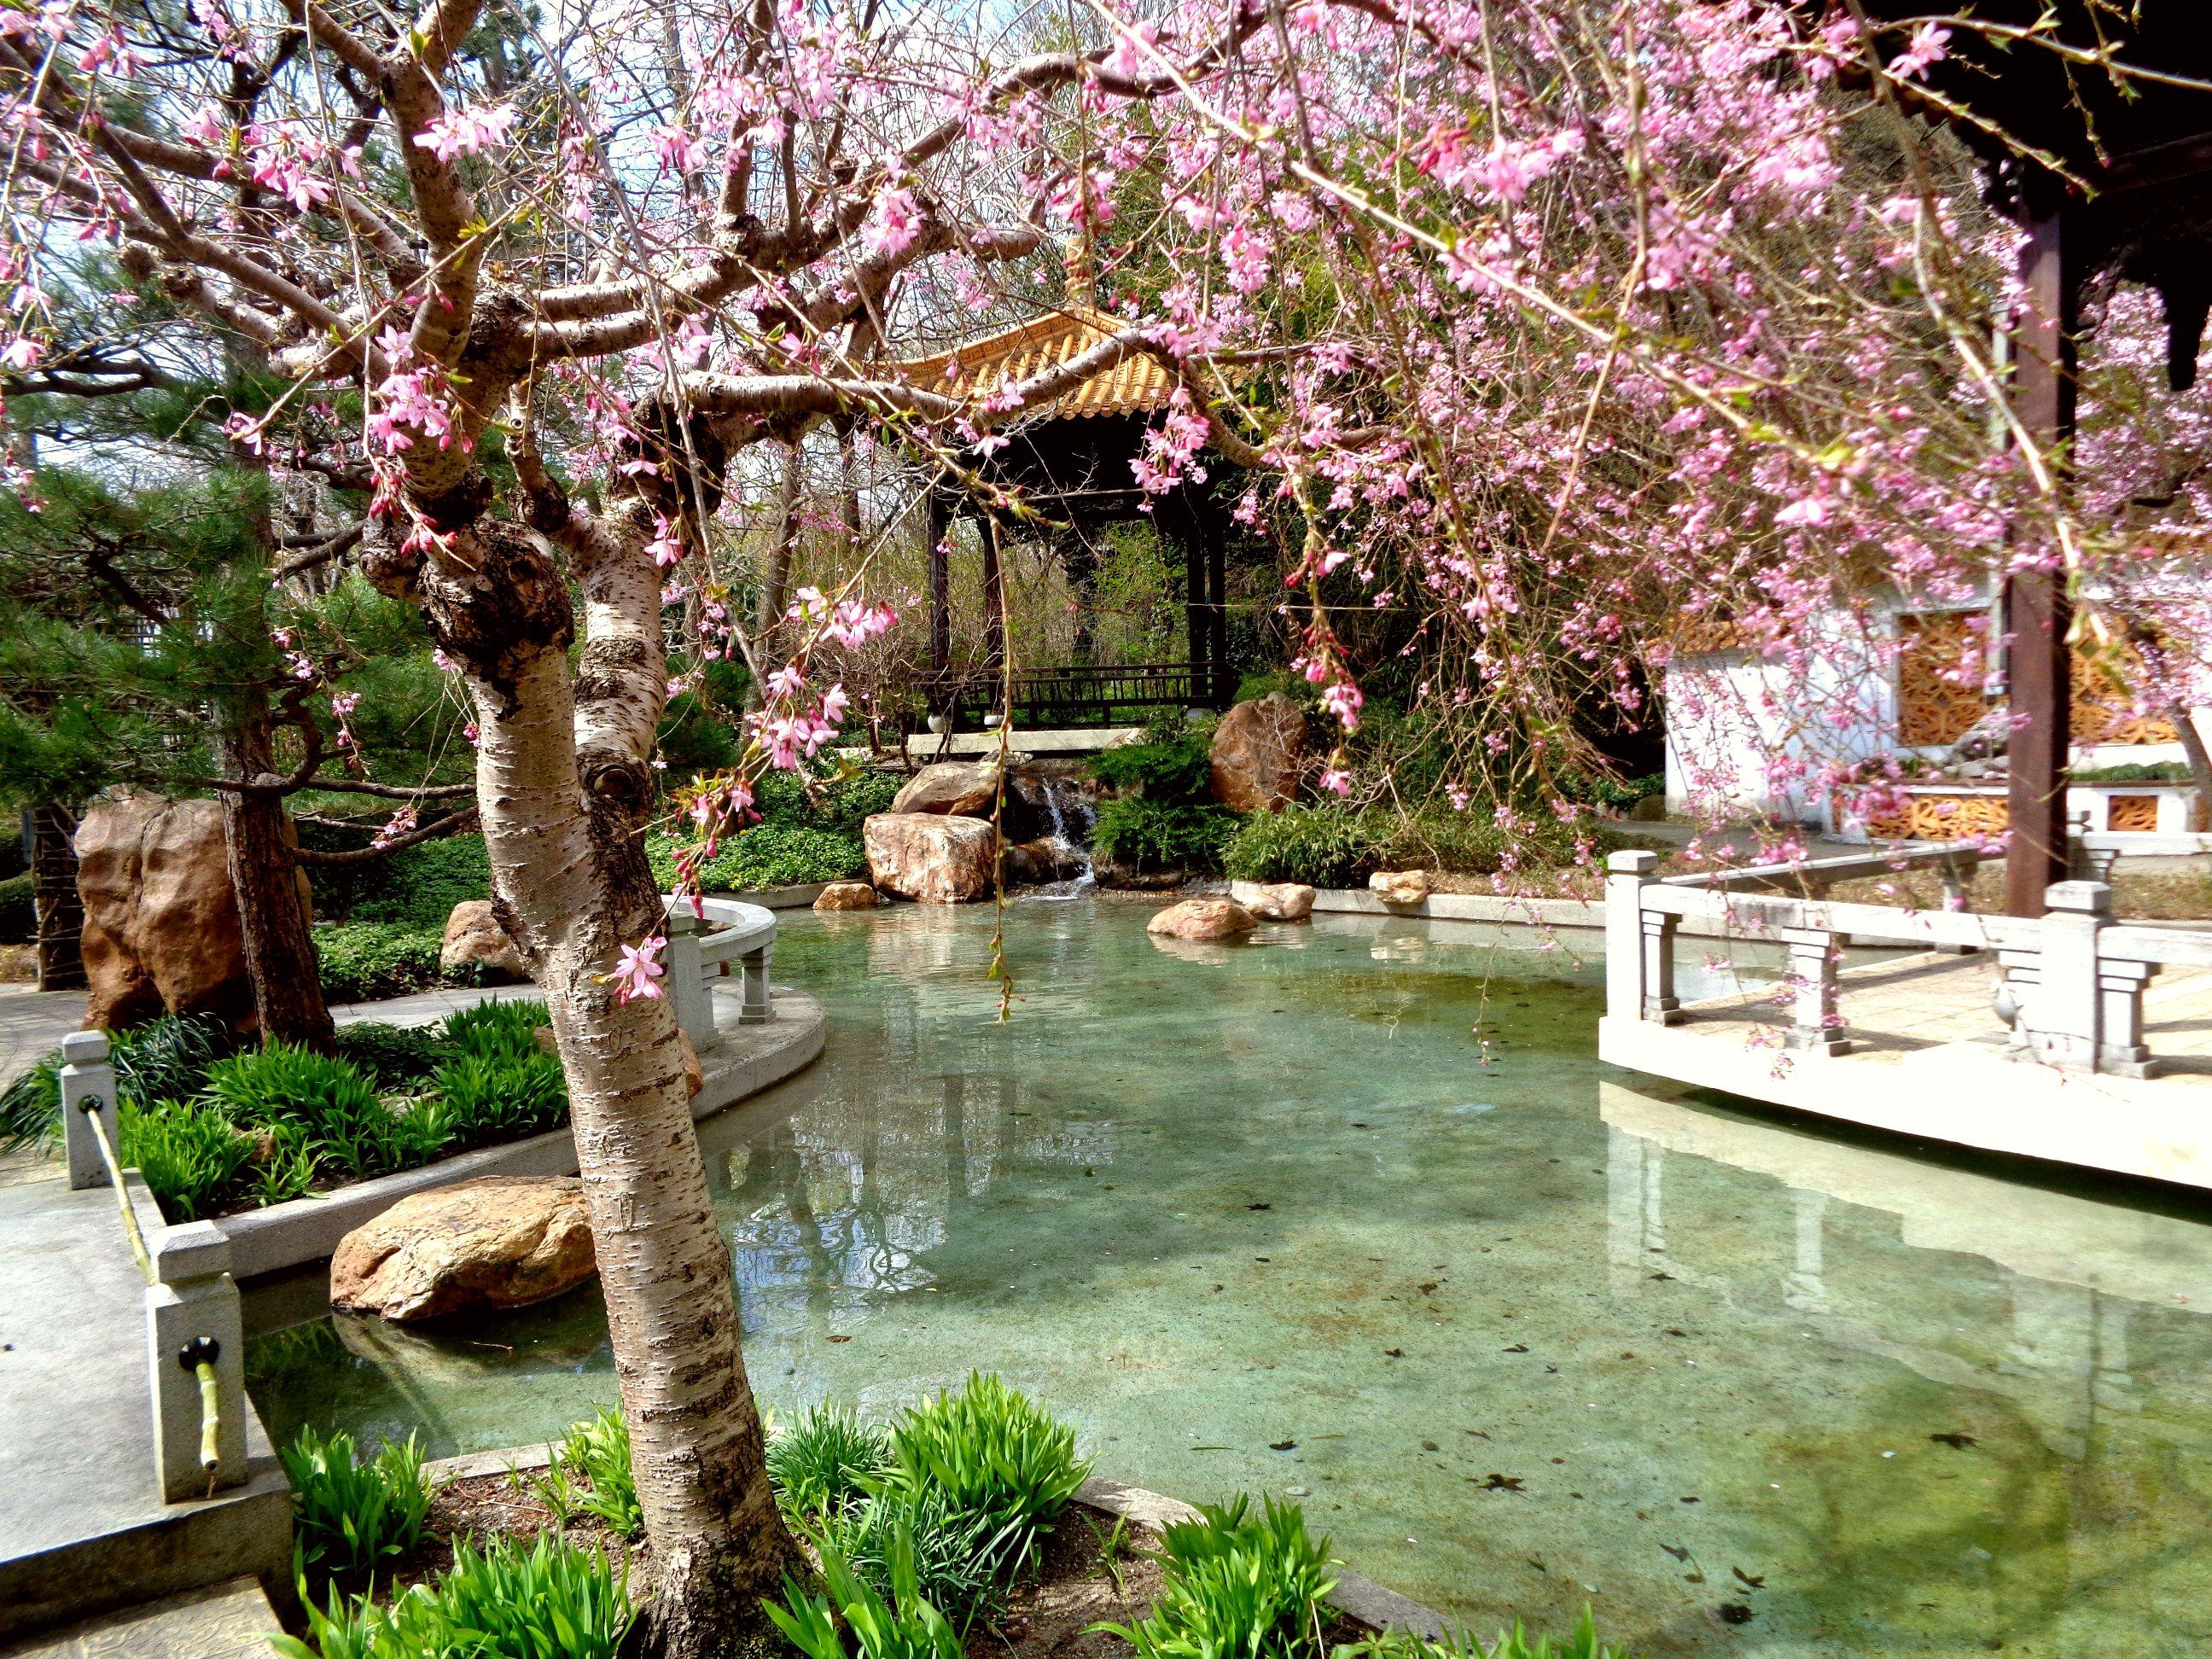 chinese garden westpark munich pinterest m nchen. Black Bedroom Furniture Sets. Home Design Ideas